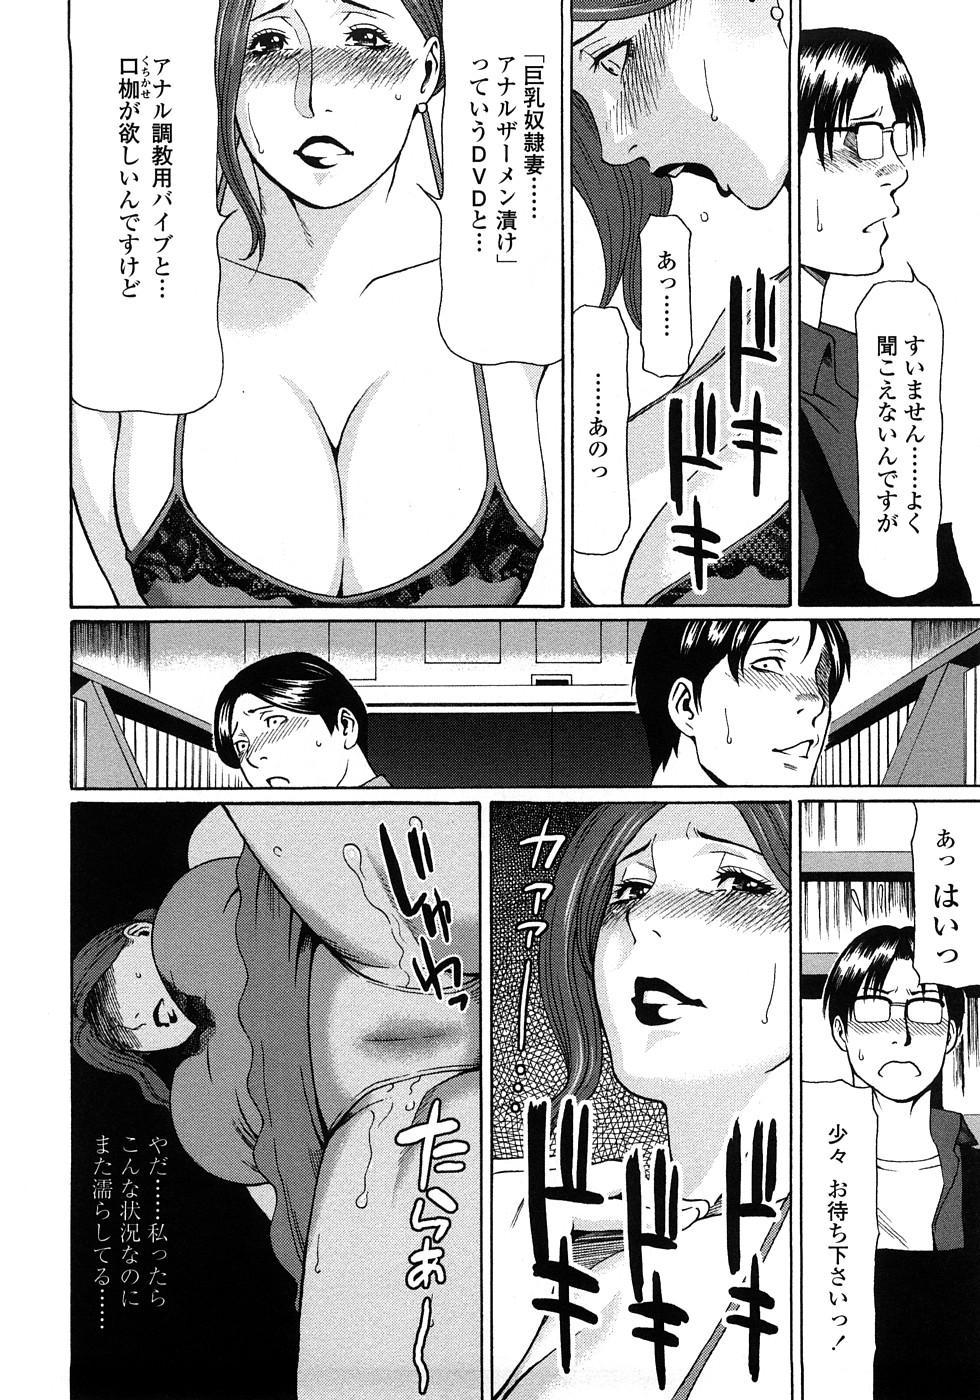 Etsuraku no Tobira - The Door of Sexual Pleasure 140